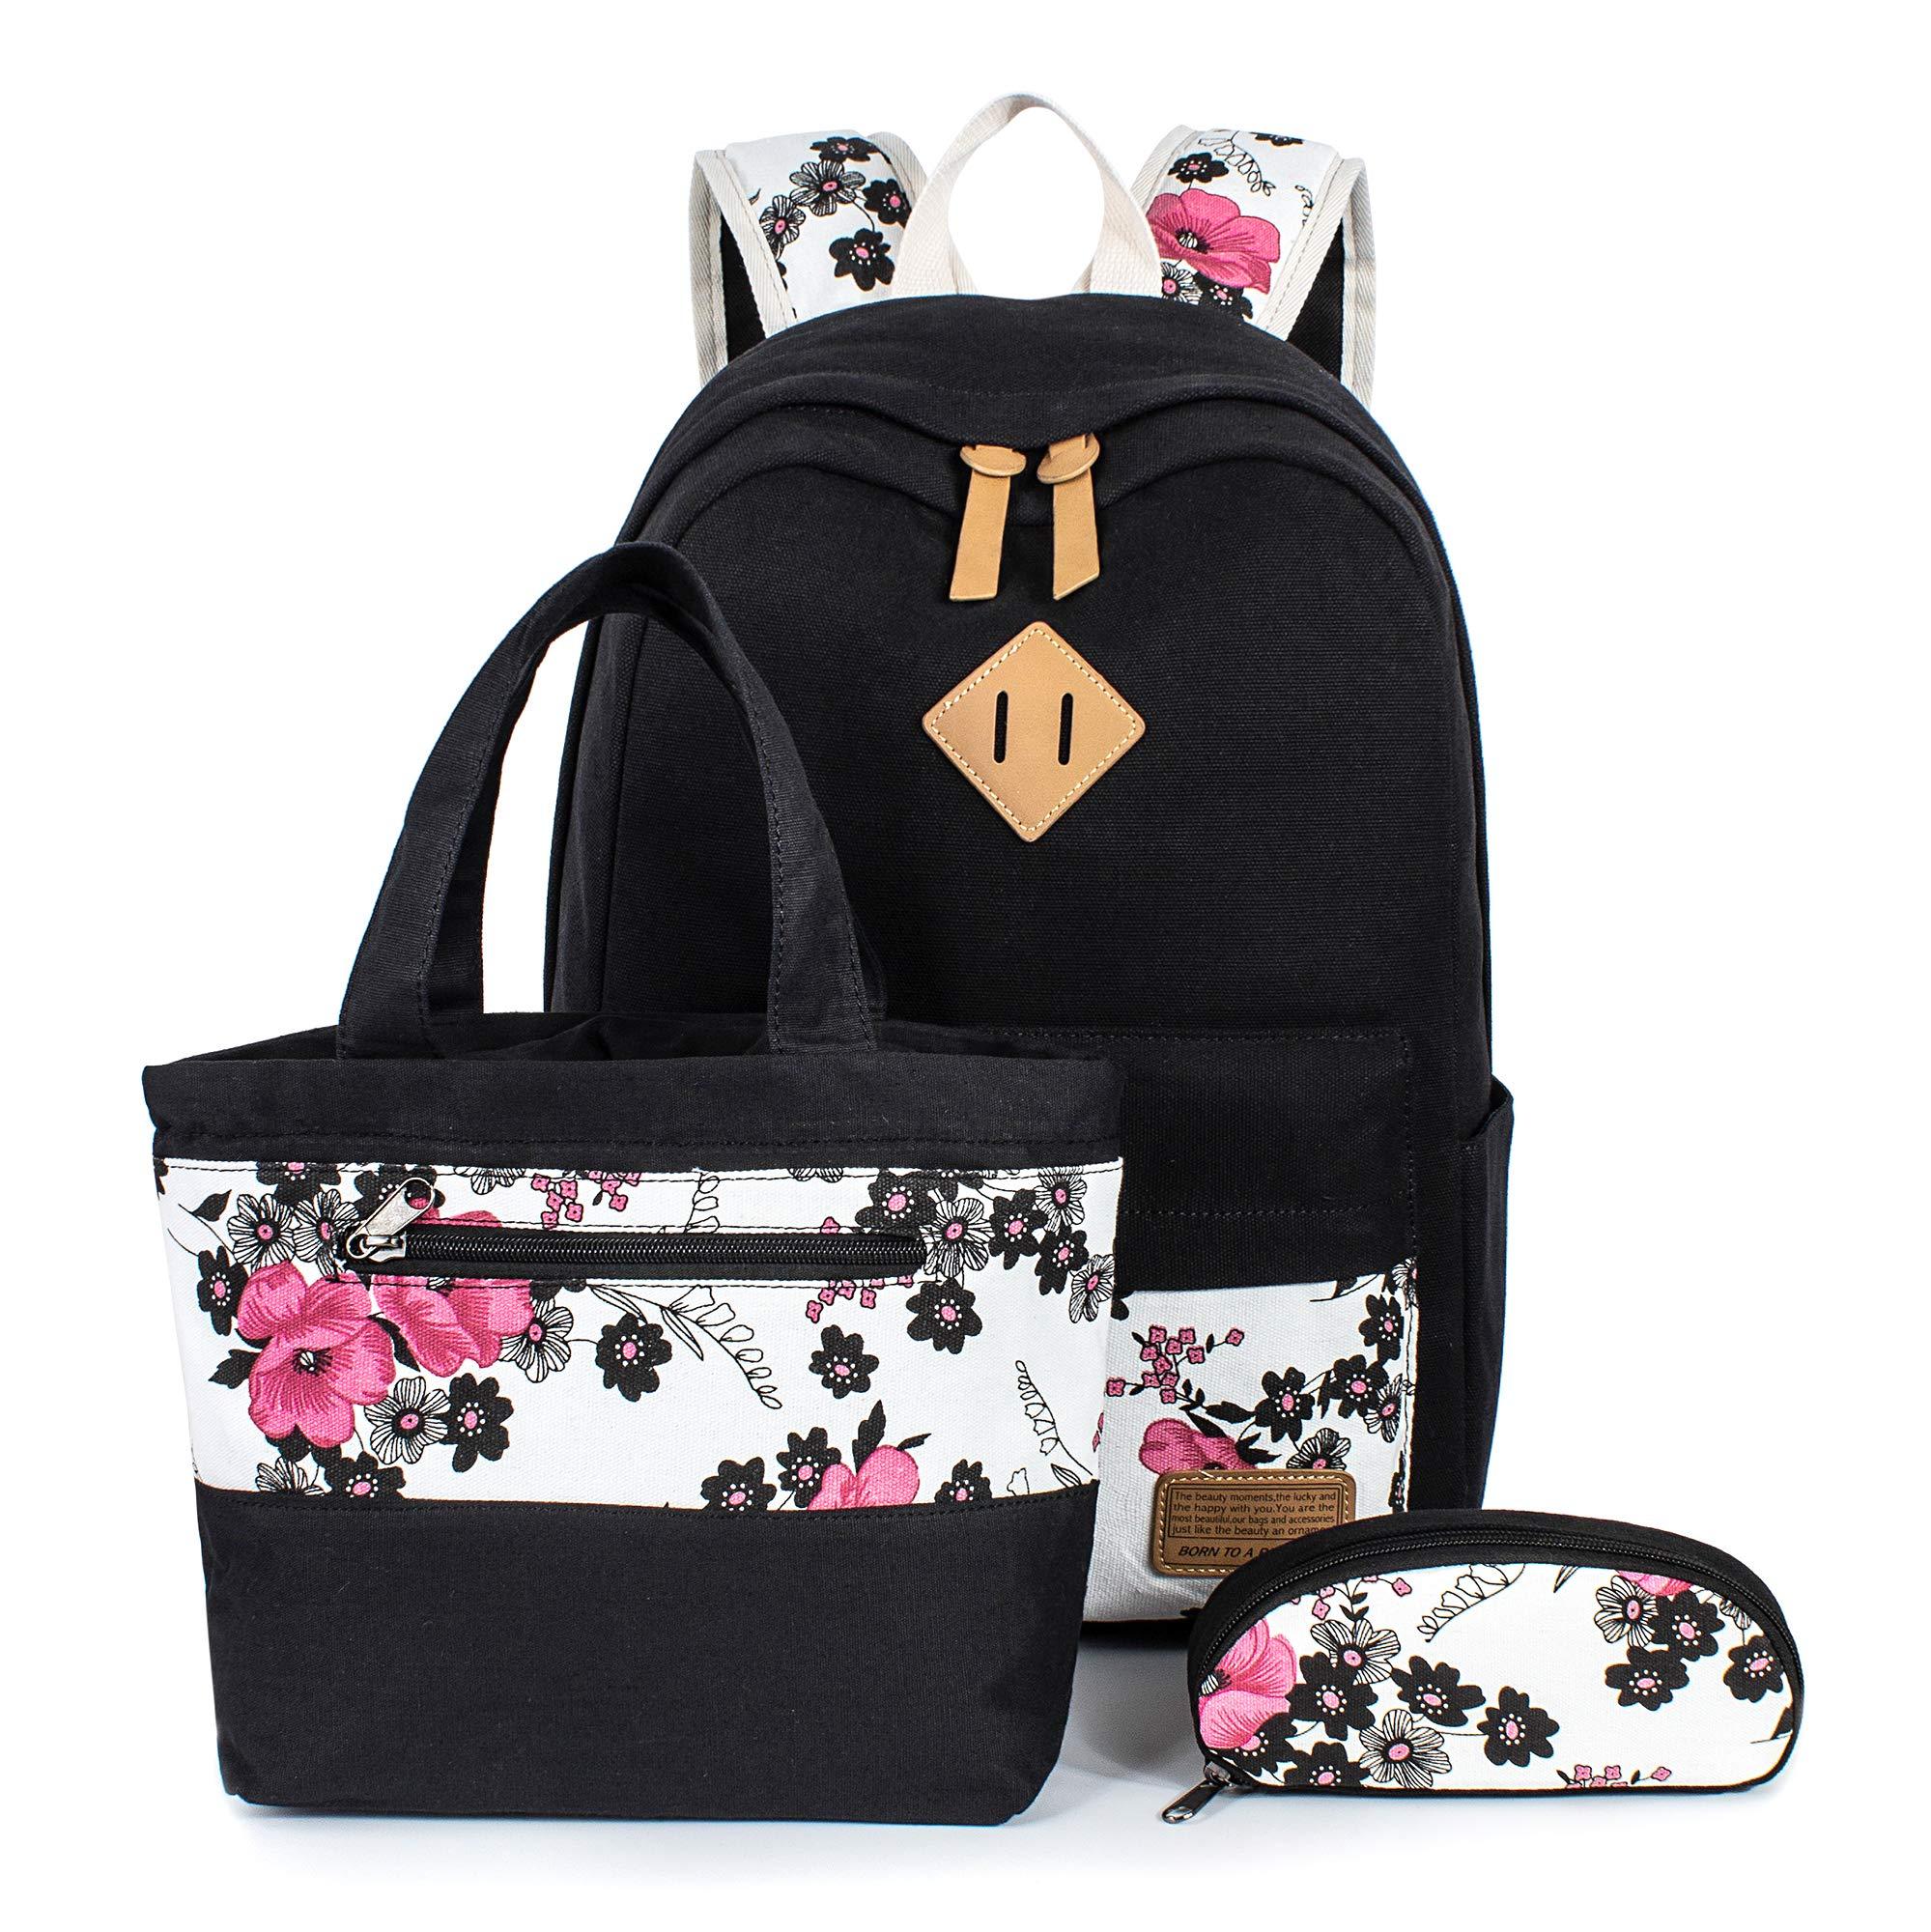 H HIKKER-LINK School Backpack Set Laptop